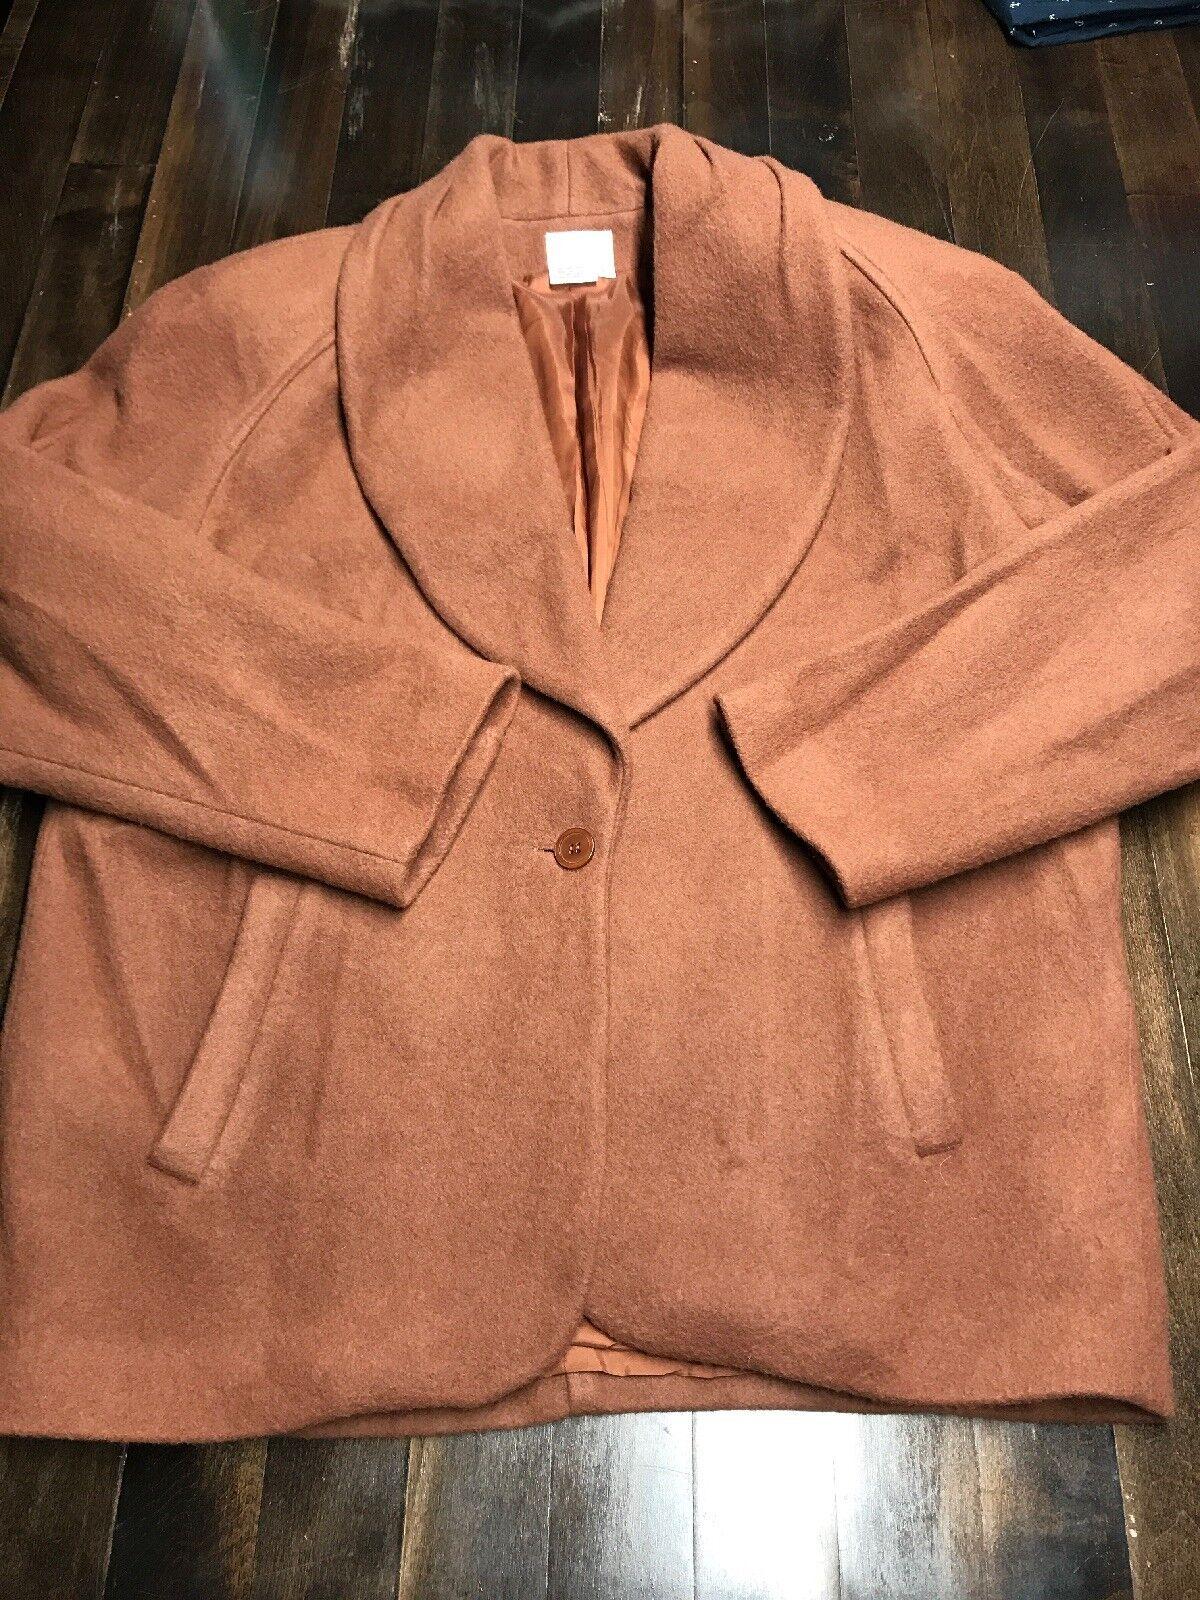 Neiman Marcus Vintage Women's 100% Wool Coat Brown Dark Camel Size 12